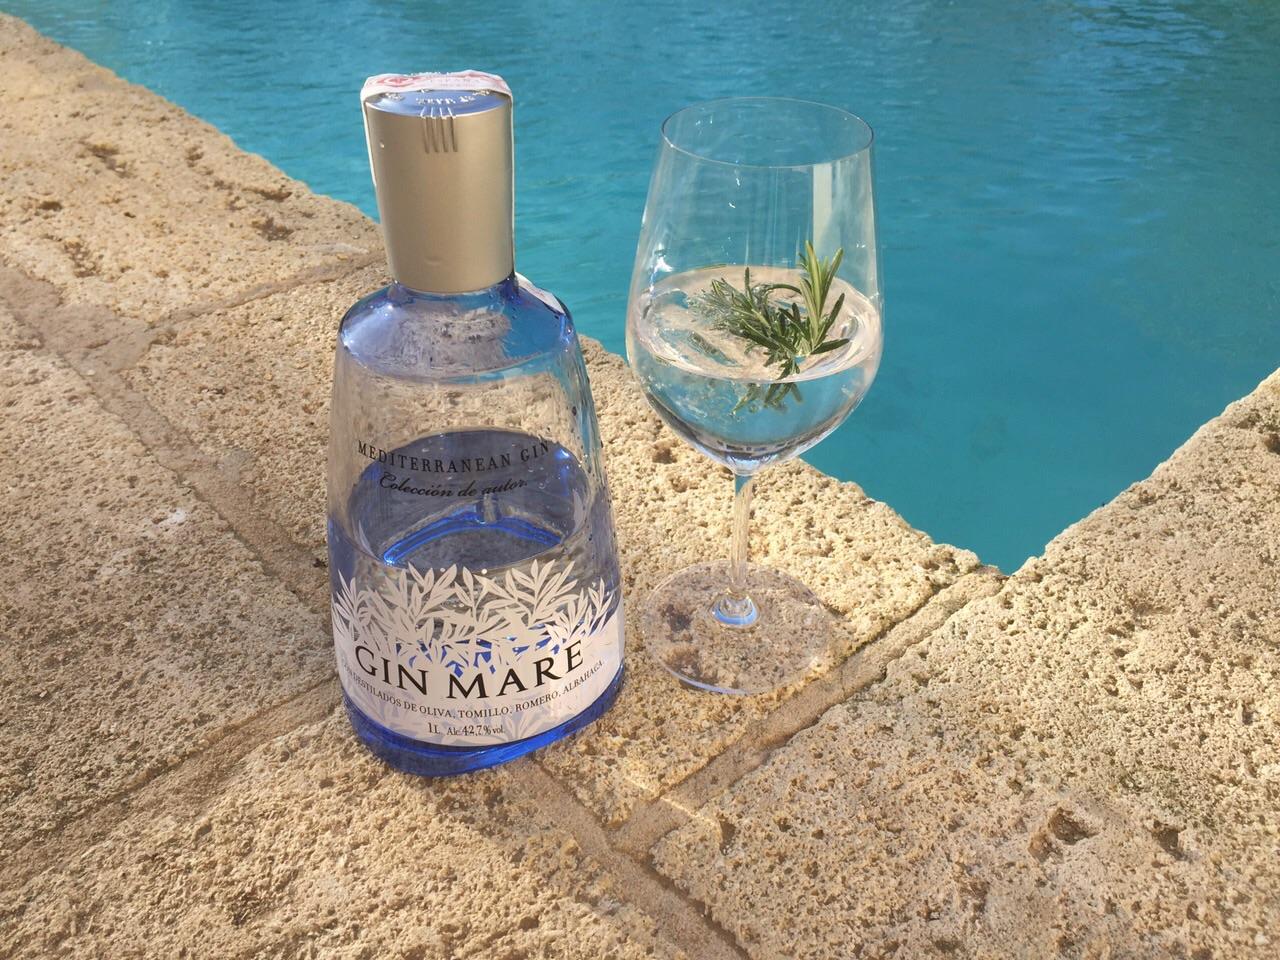 A Gin Mare in our private Villa at Borgo Egnazia in Apulia, IItaly.